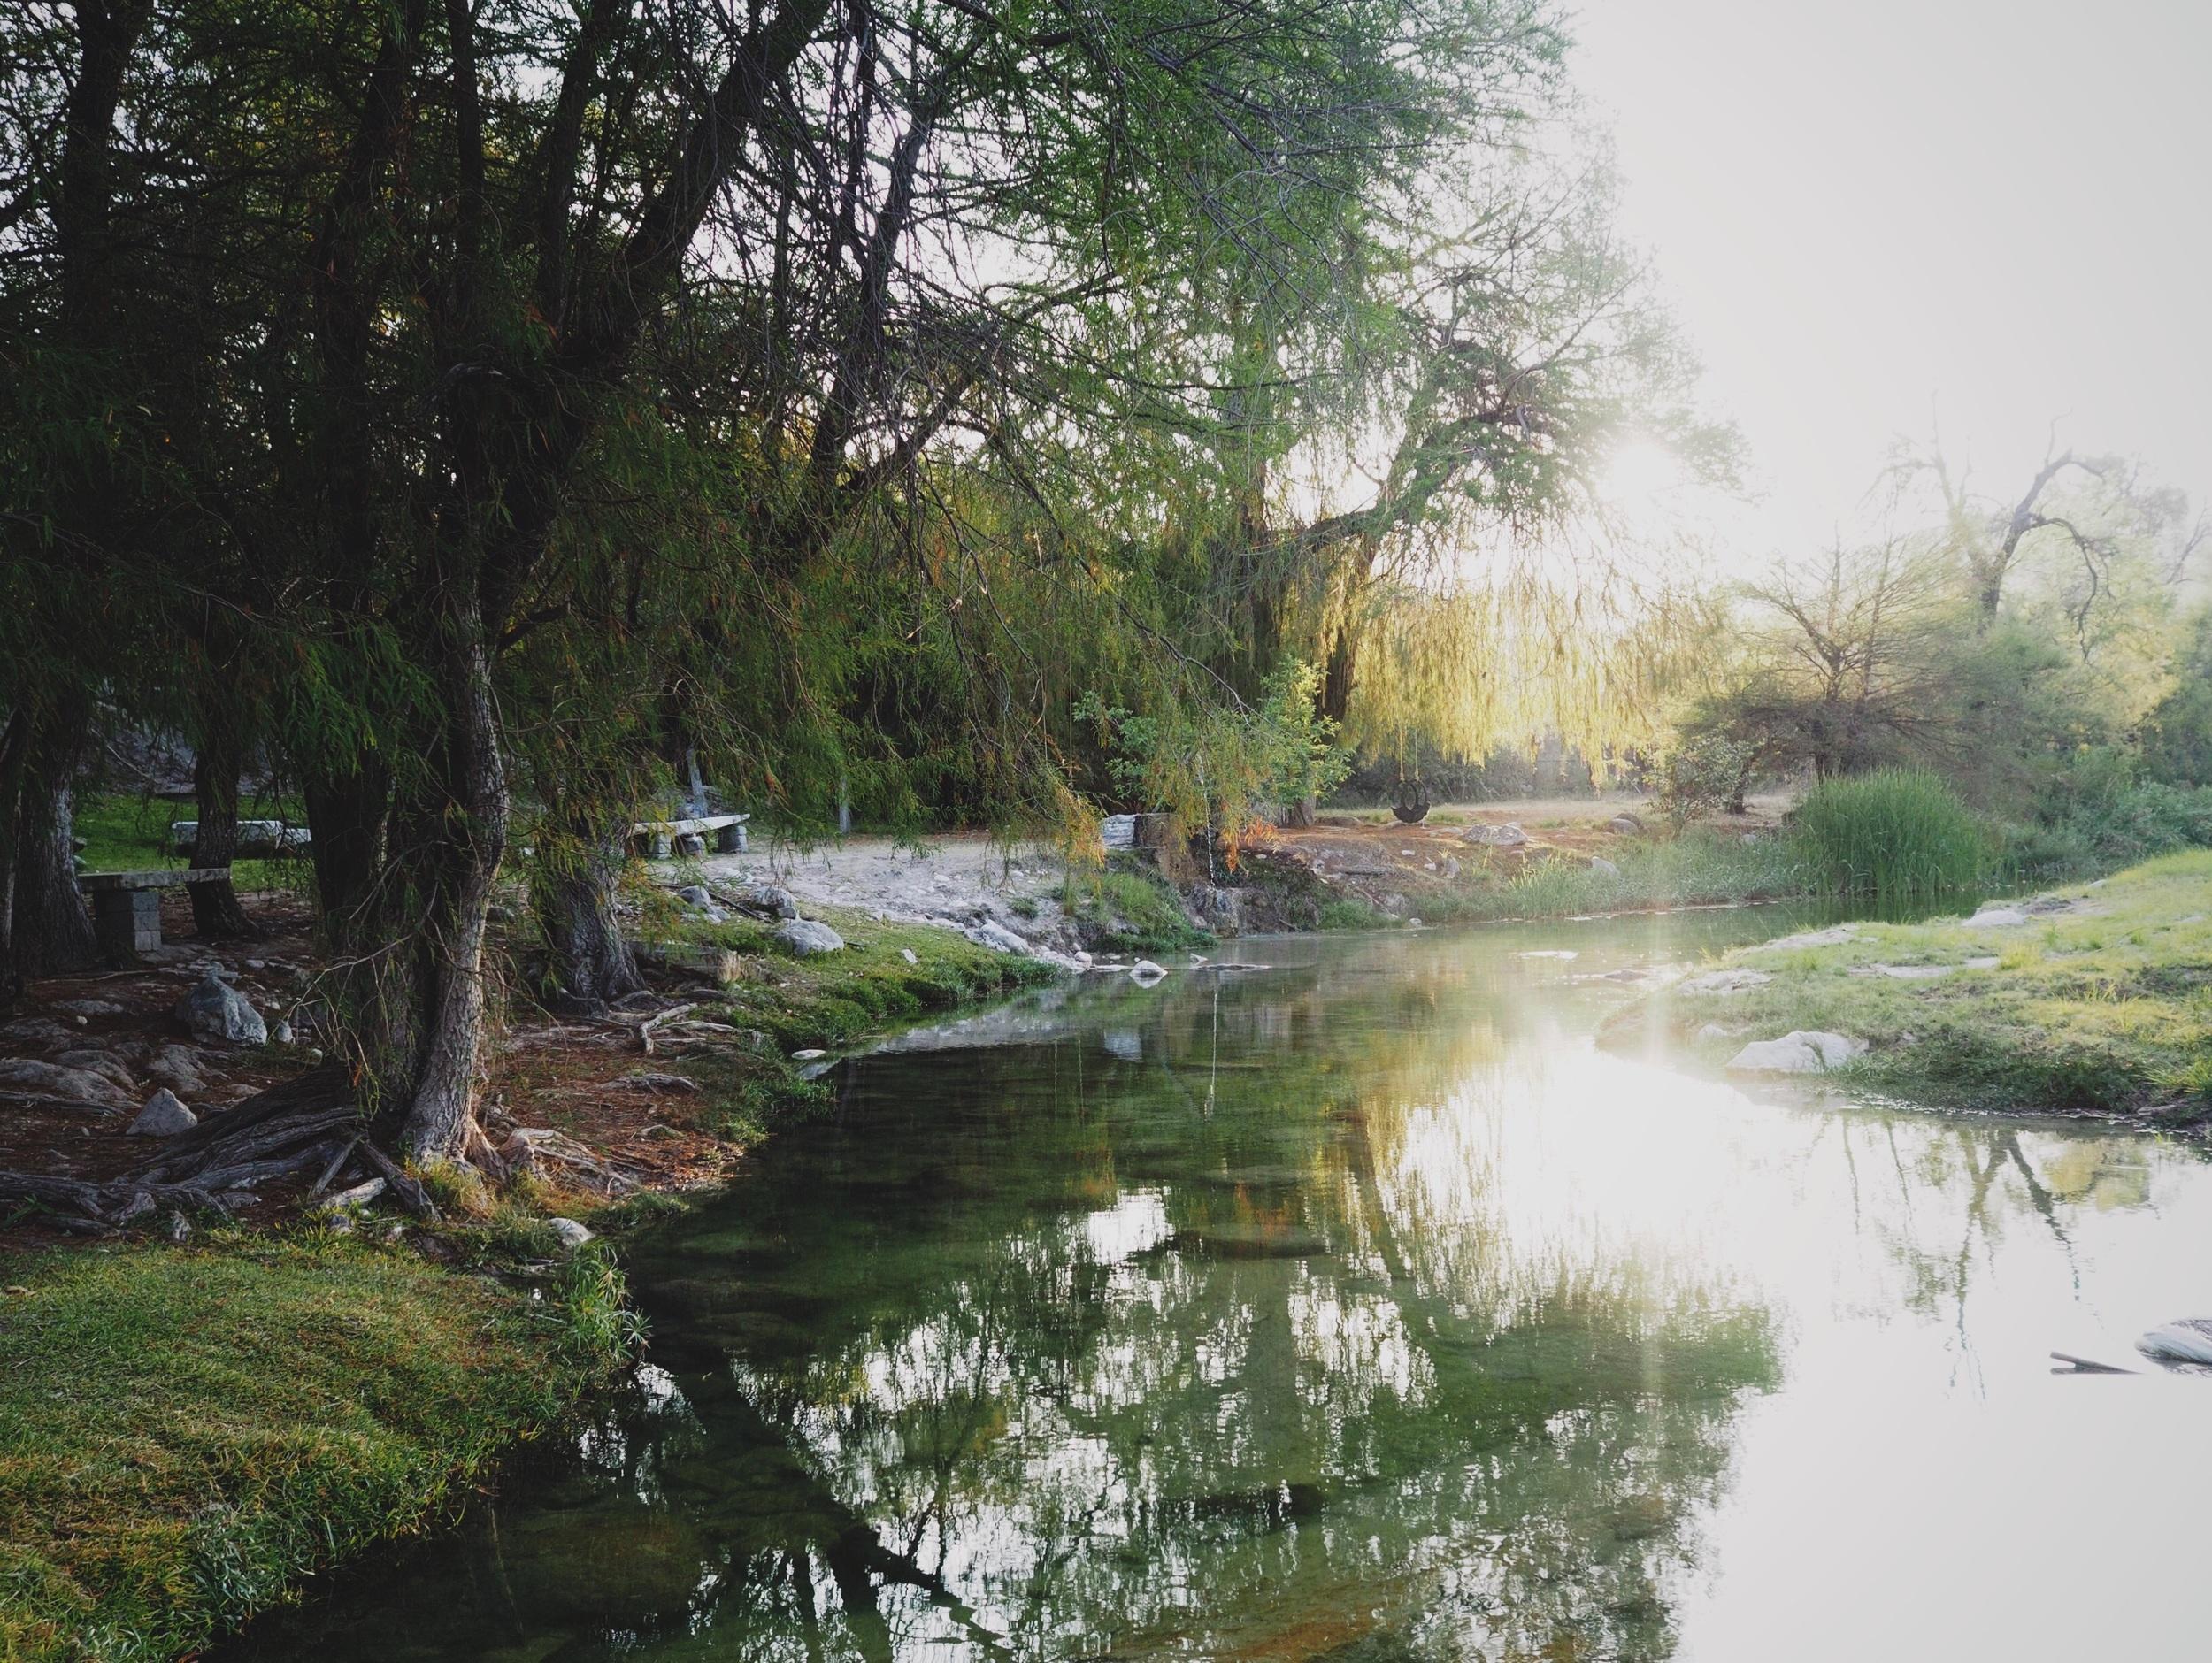 Camped along a river outside Tepexi de Rodriguez